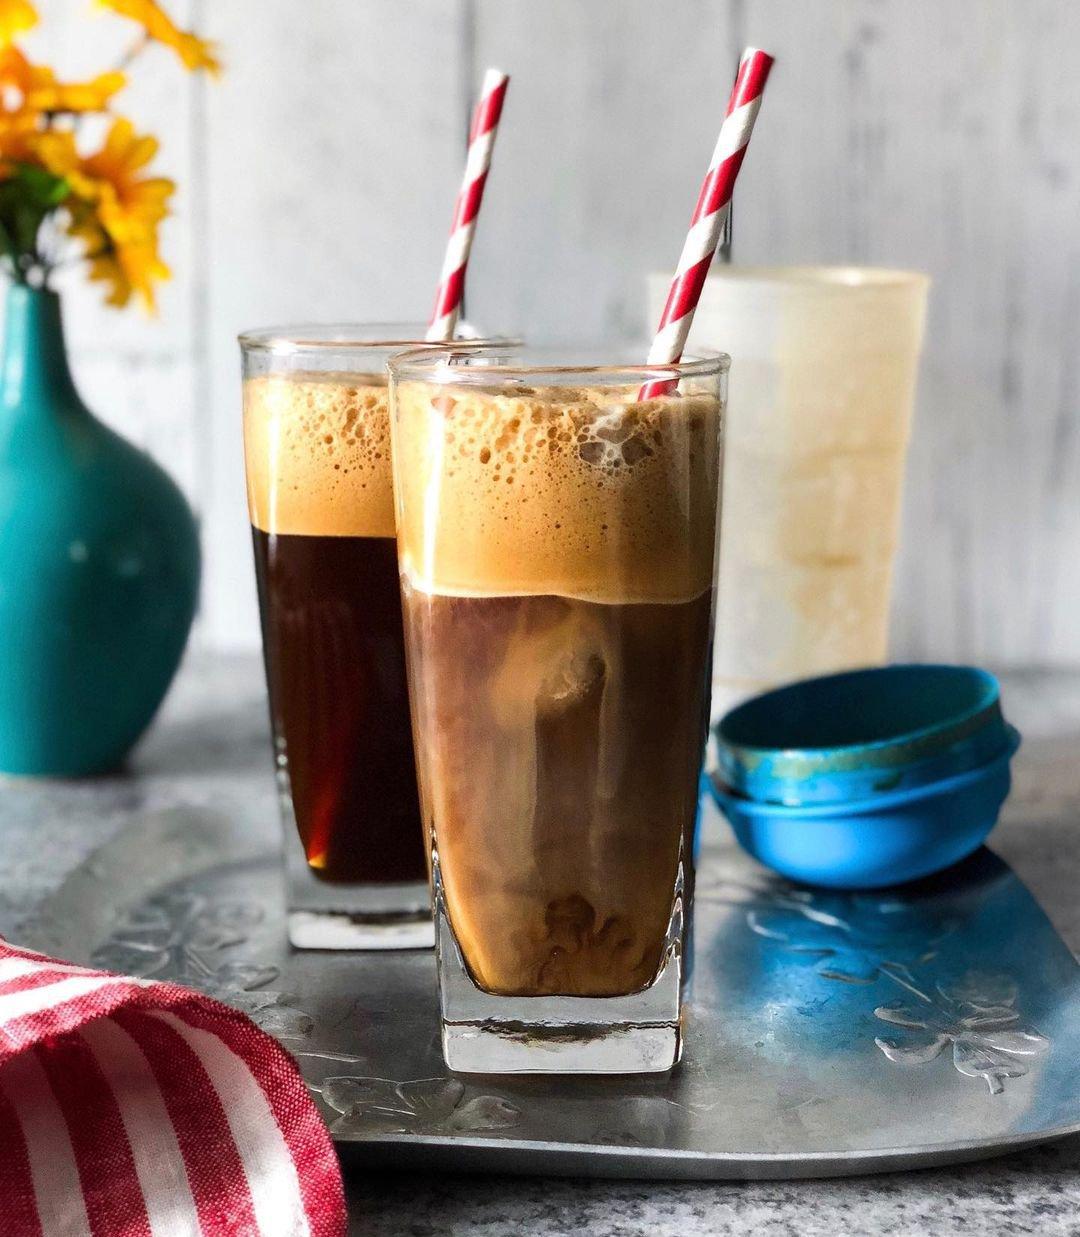 Frappé coffee